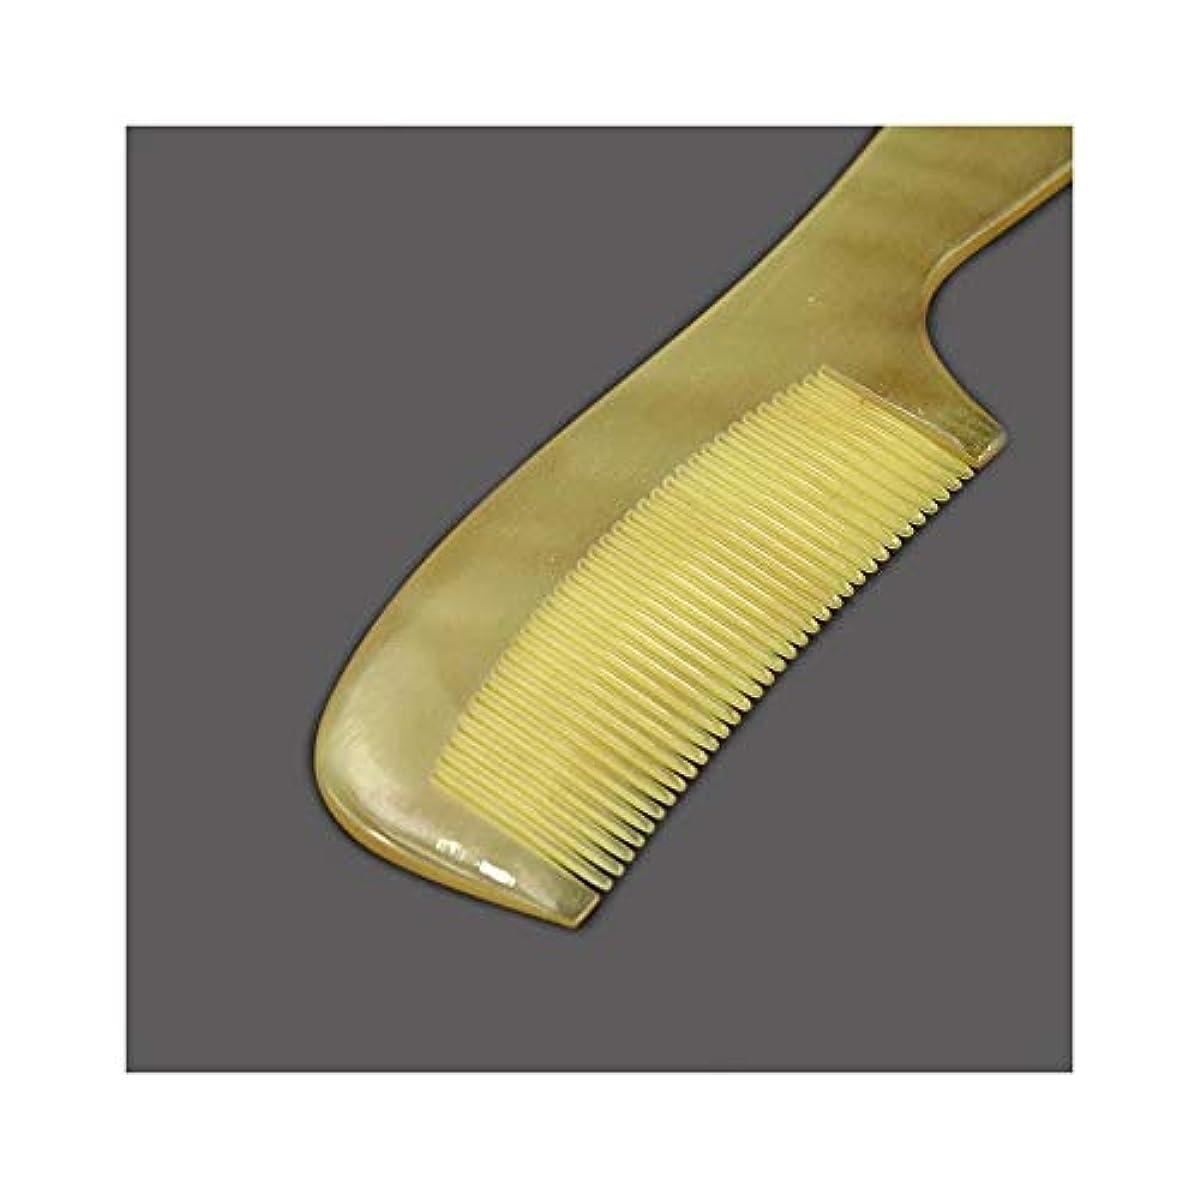 ハリウッド追い越すロッジFashianシープホーンくし細かい歯なしスタティック手作りくし、高品質の木製のカールくし ヘアケア